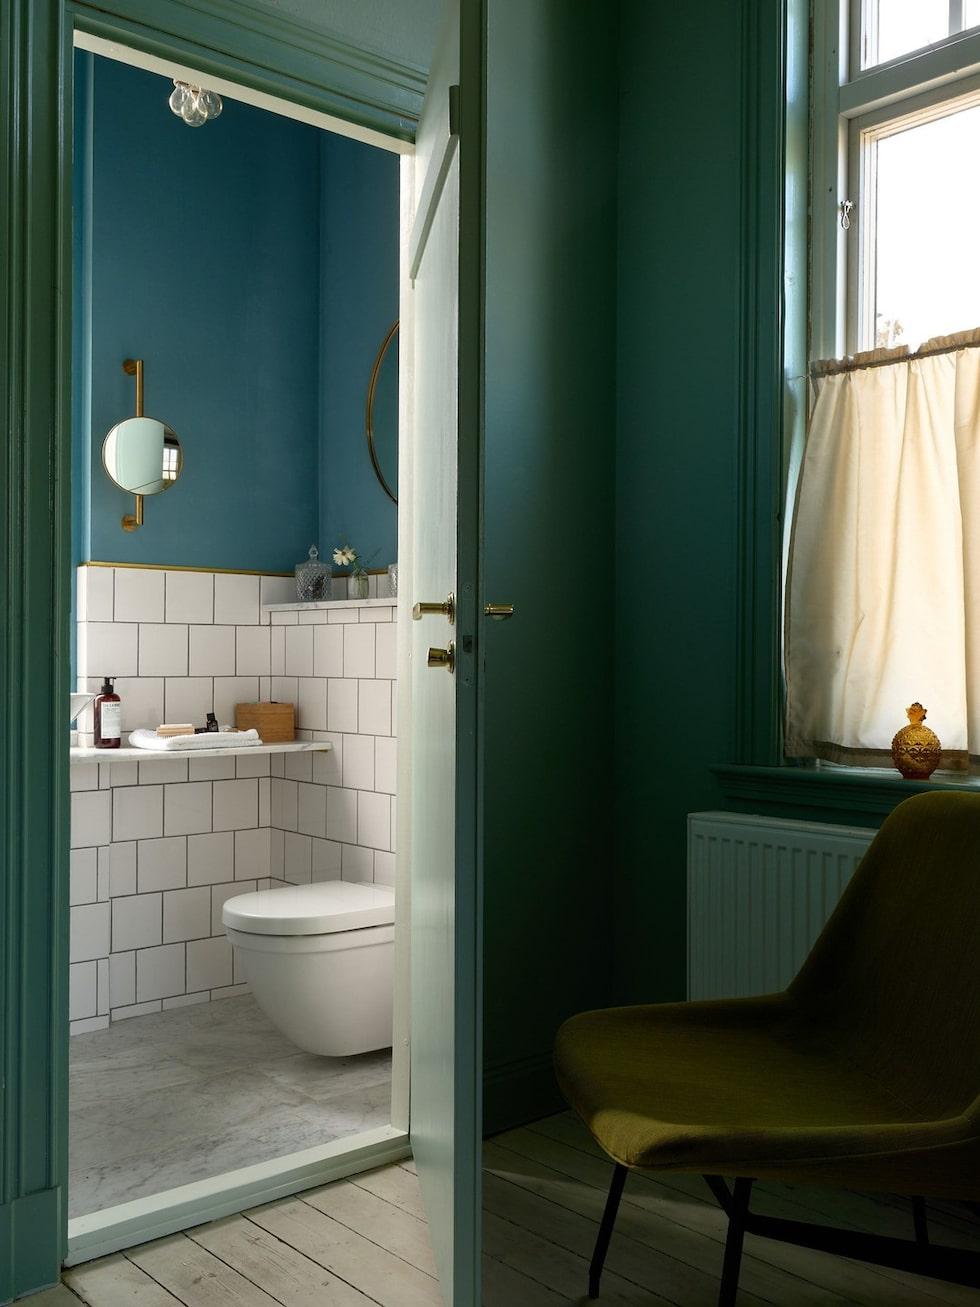 Även badrummen har starka färger. Här är badrummet på nedre plan.